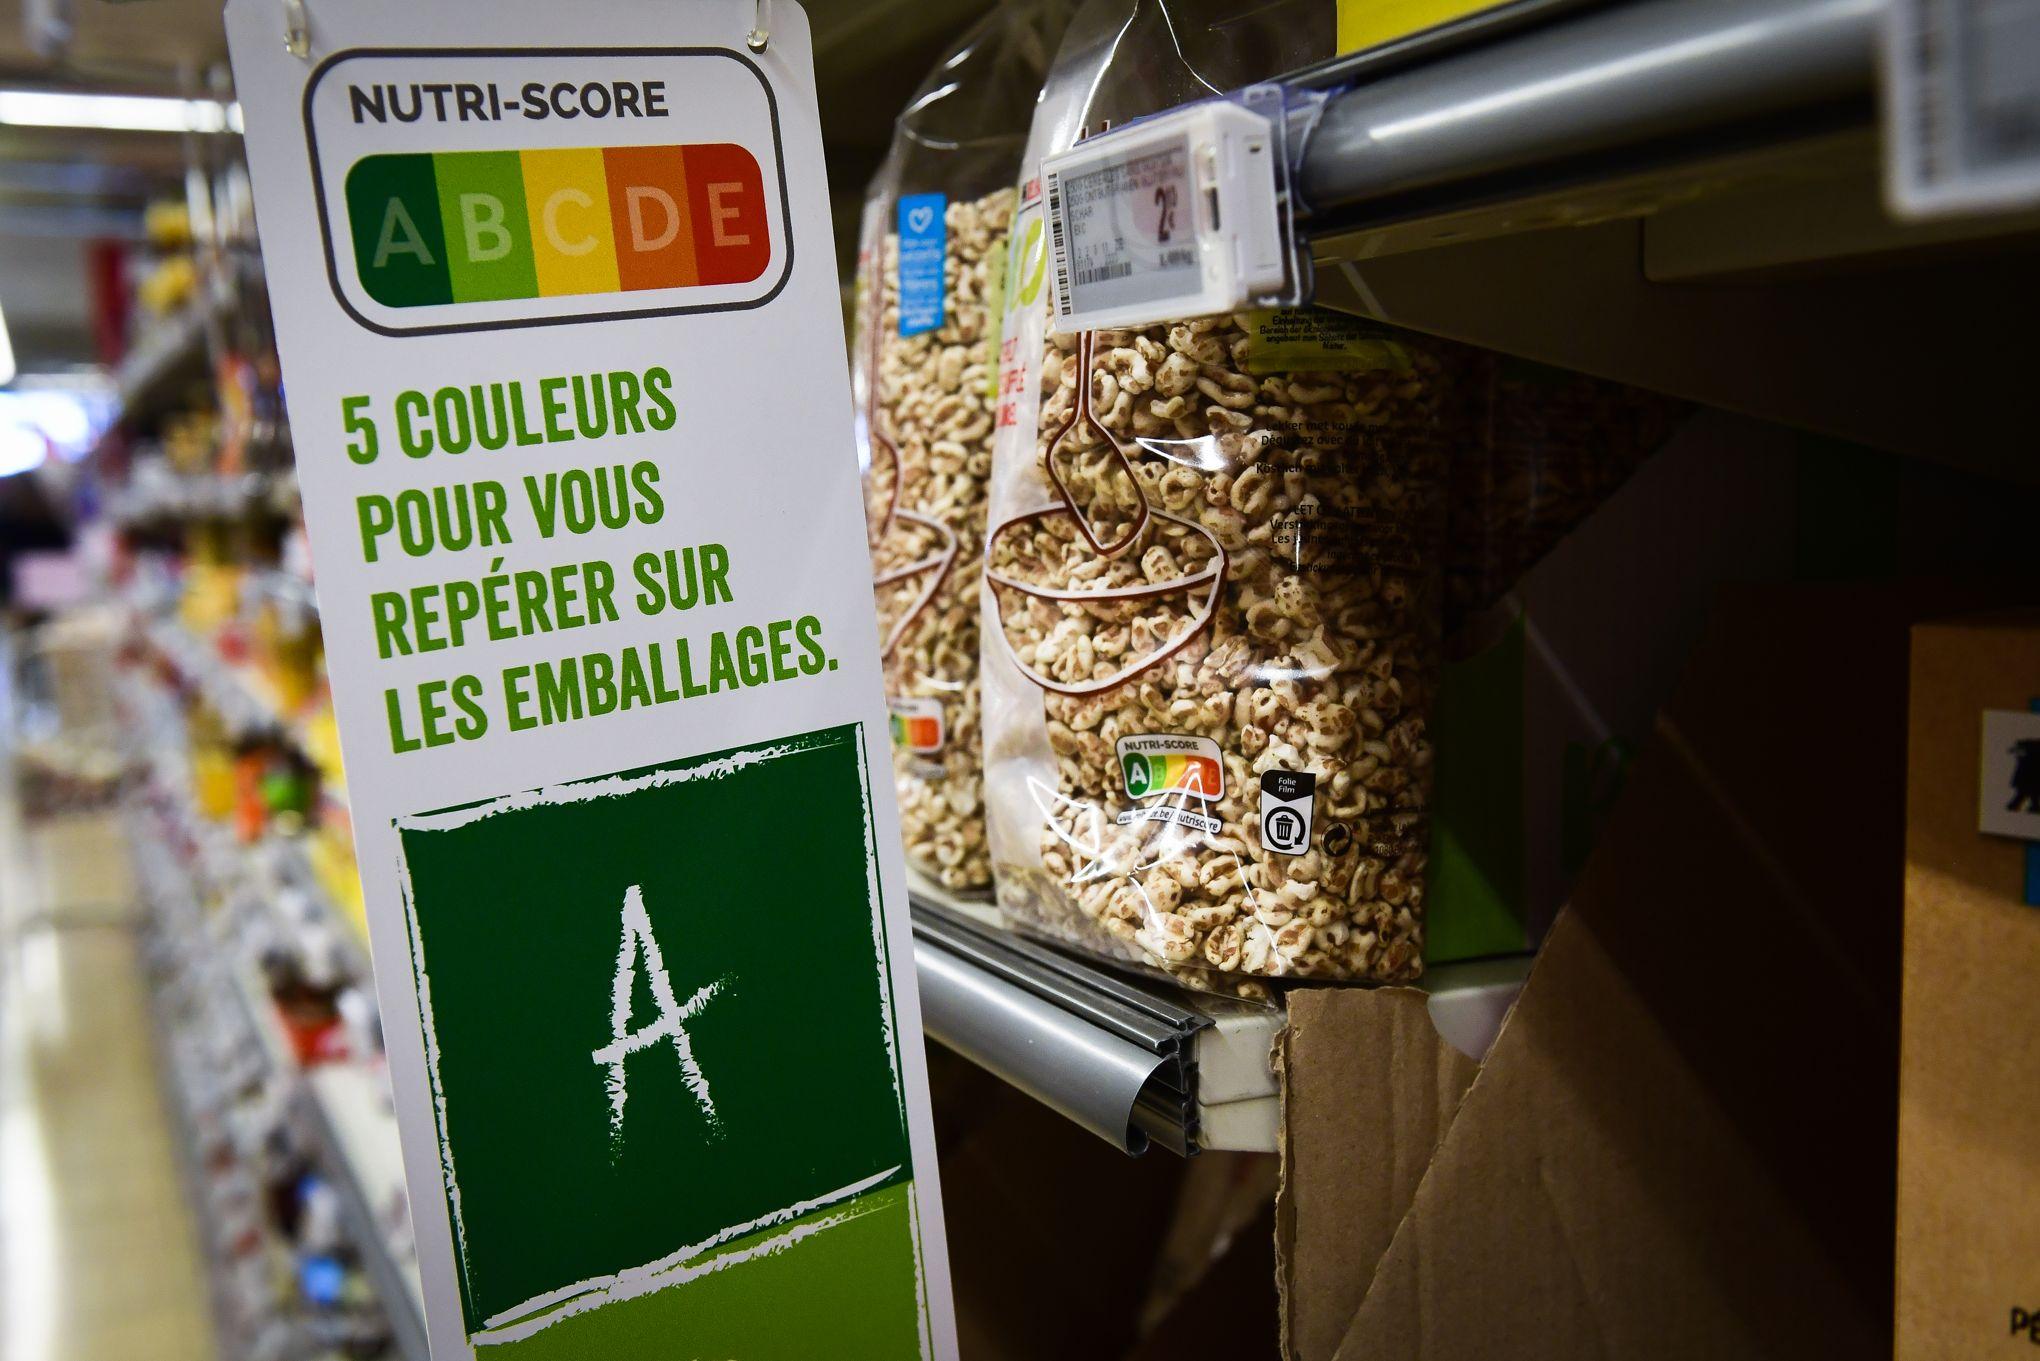 Alimentation: le Nutri-score modifie les habitudes de consommation des Français